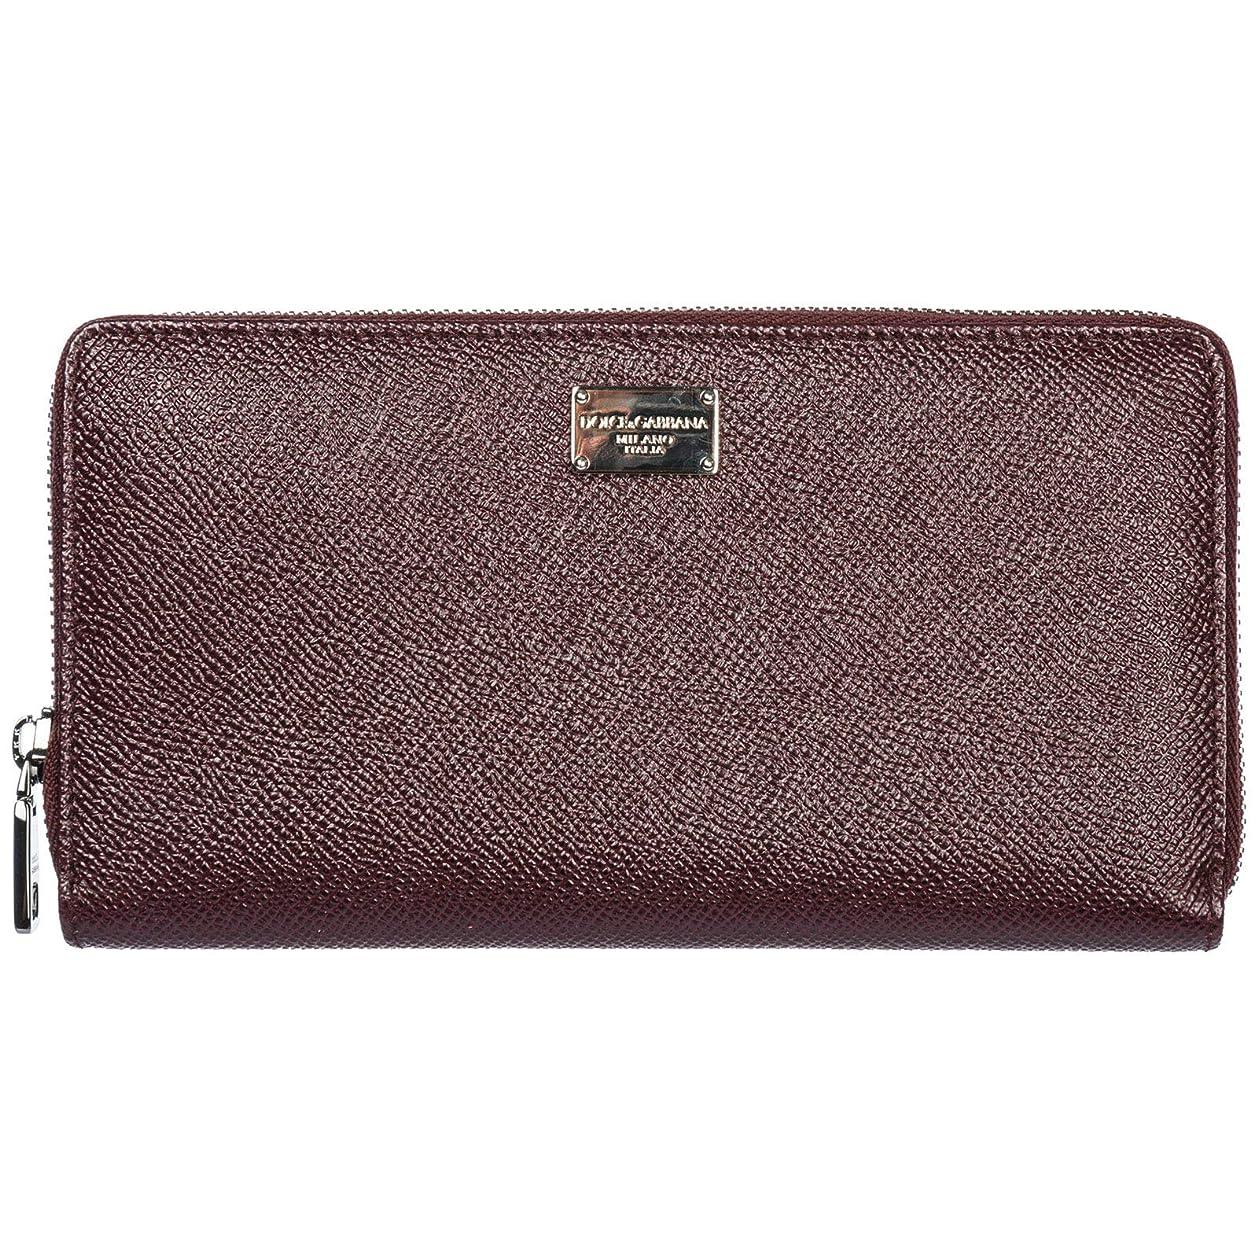 アクセスできない収穫温度Dolce & Gabbana ACCESSORY メンズ US サイズ: One Size カラー: レッド